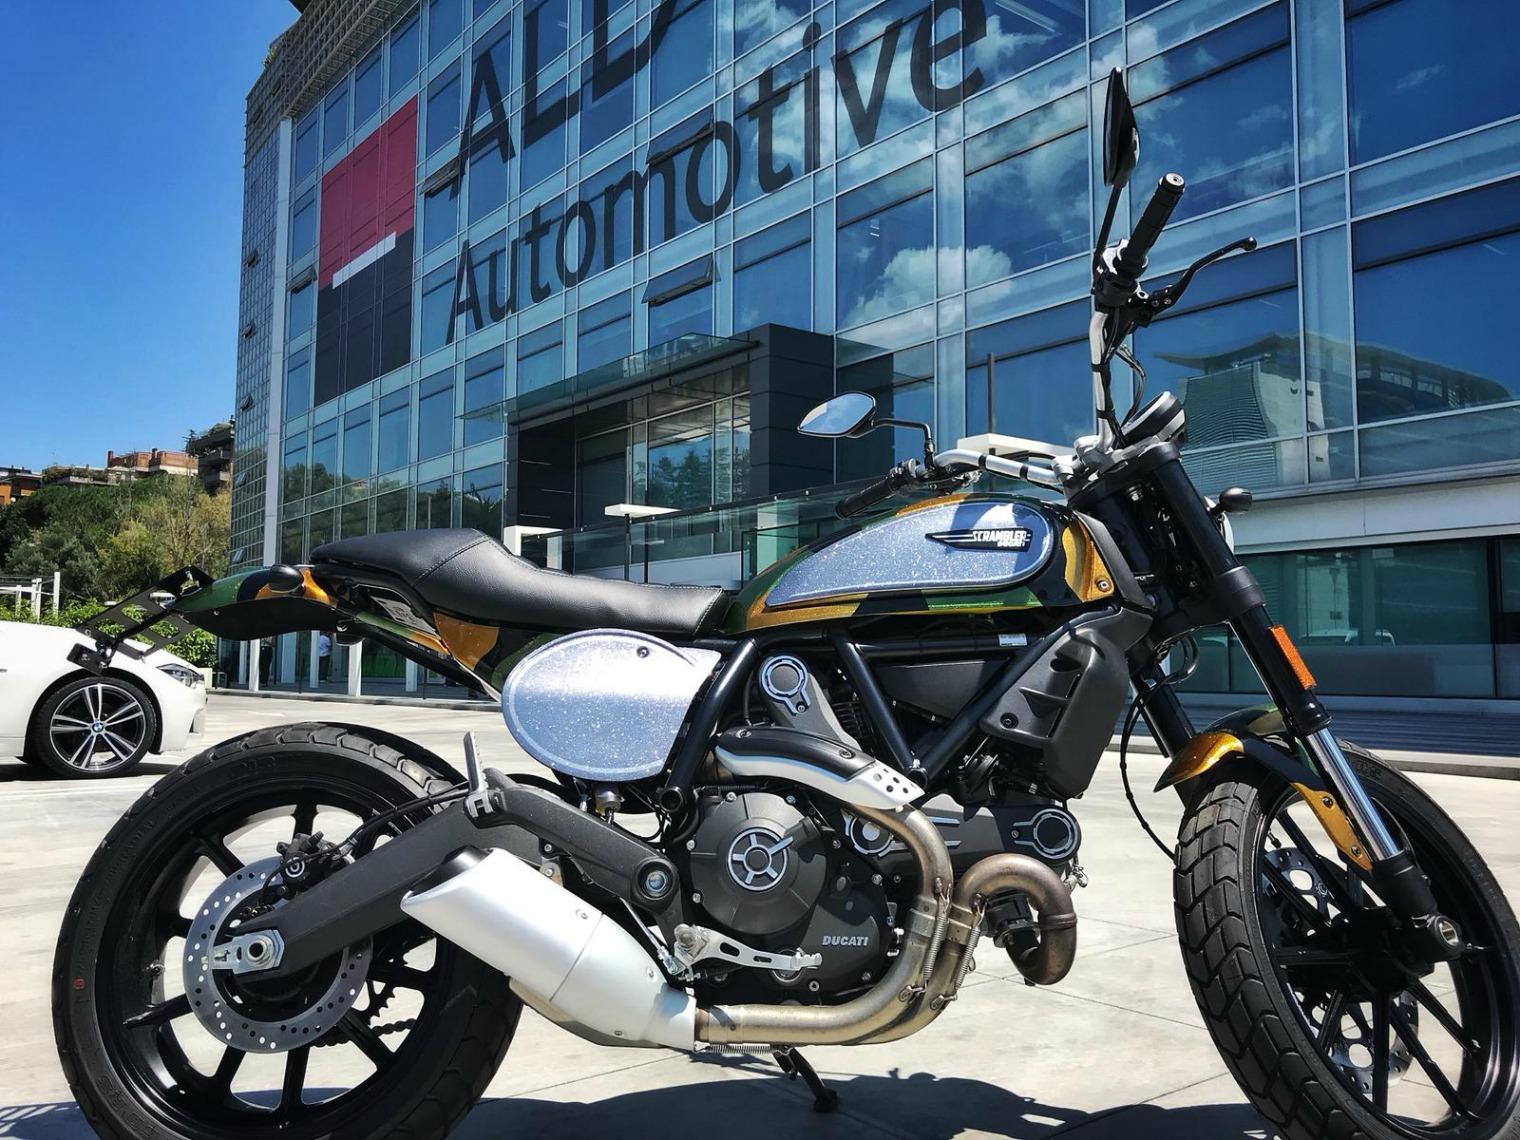 ALD Automotive noleggio moto